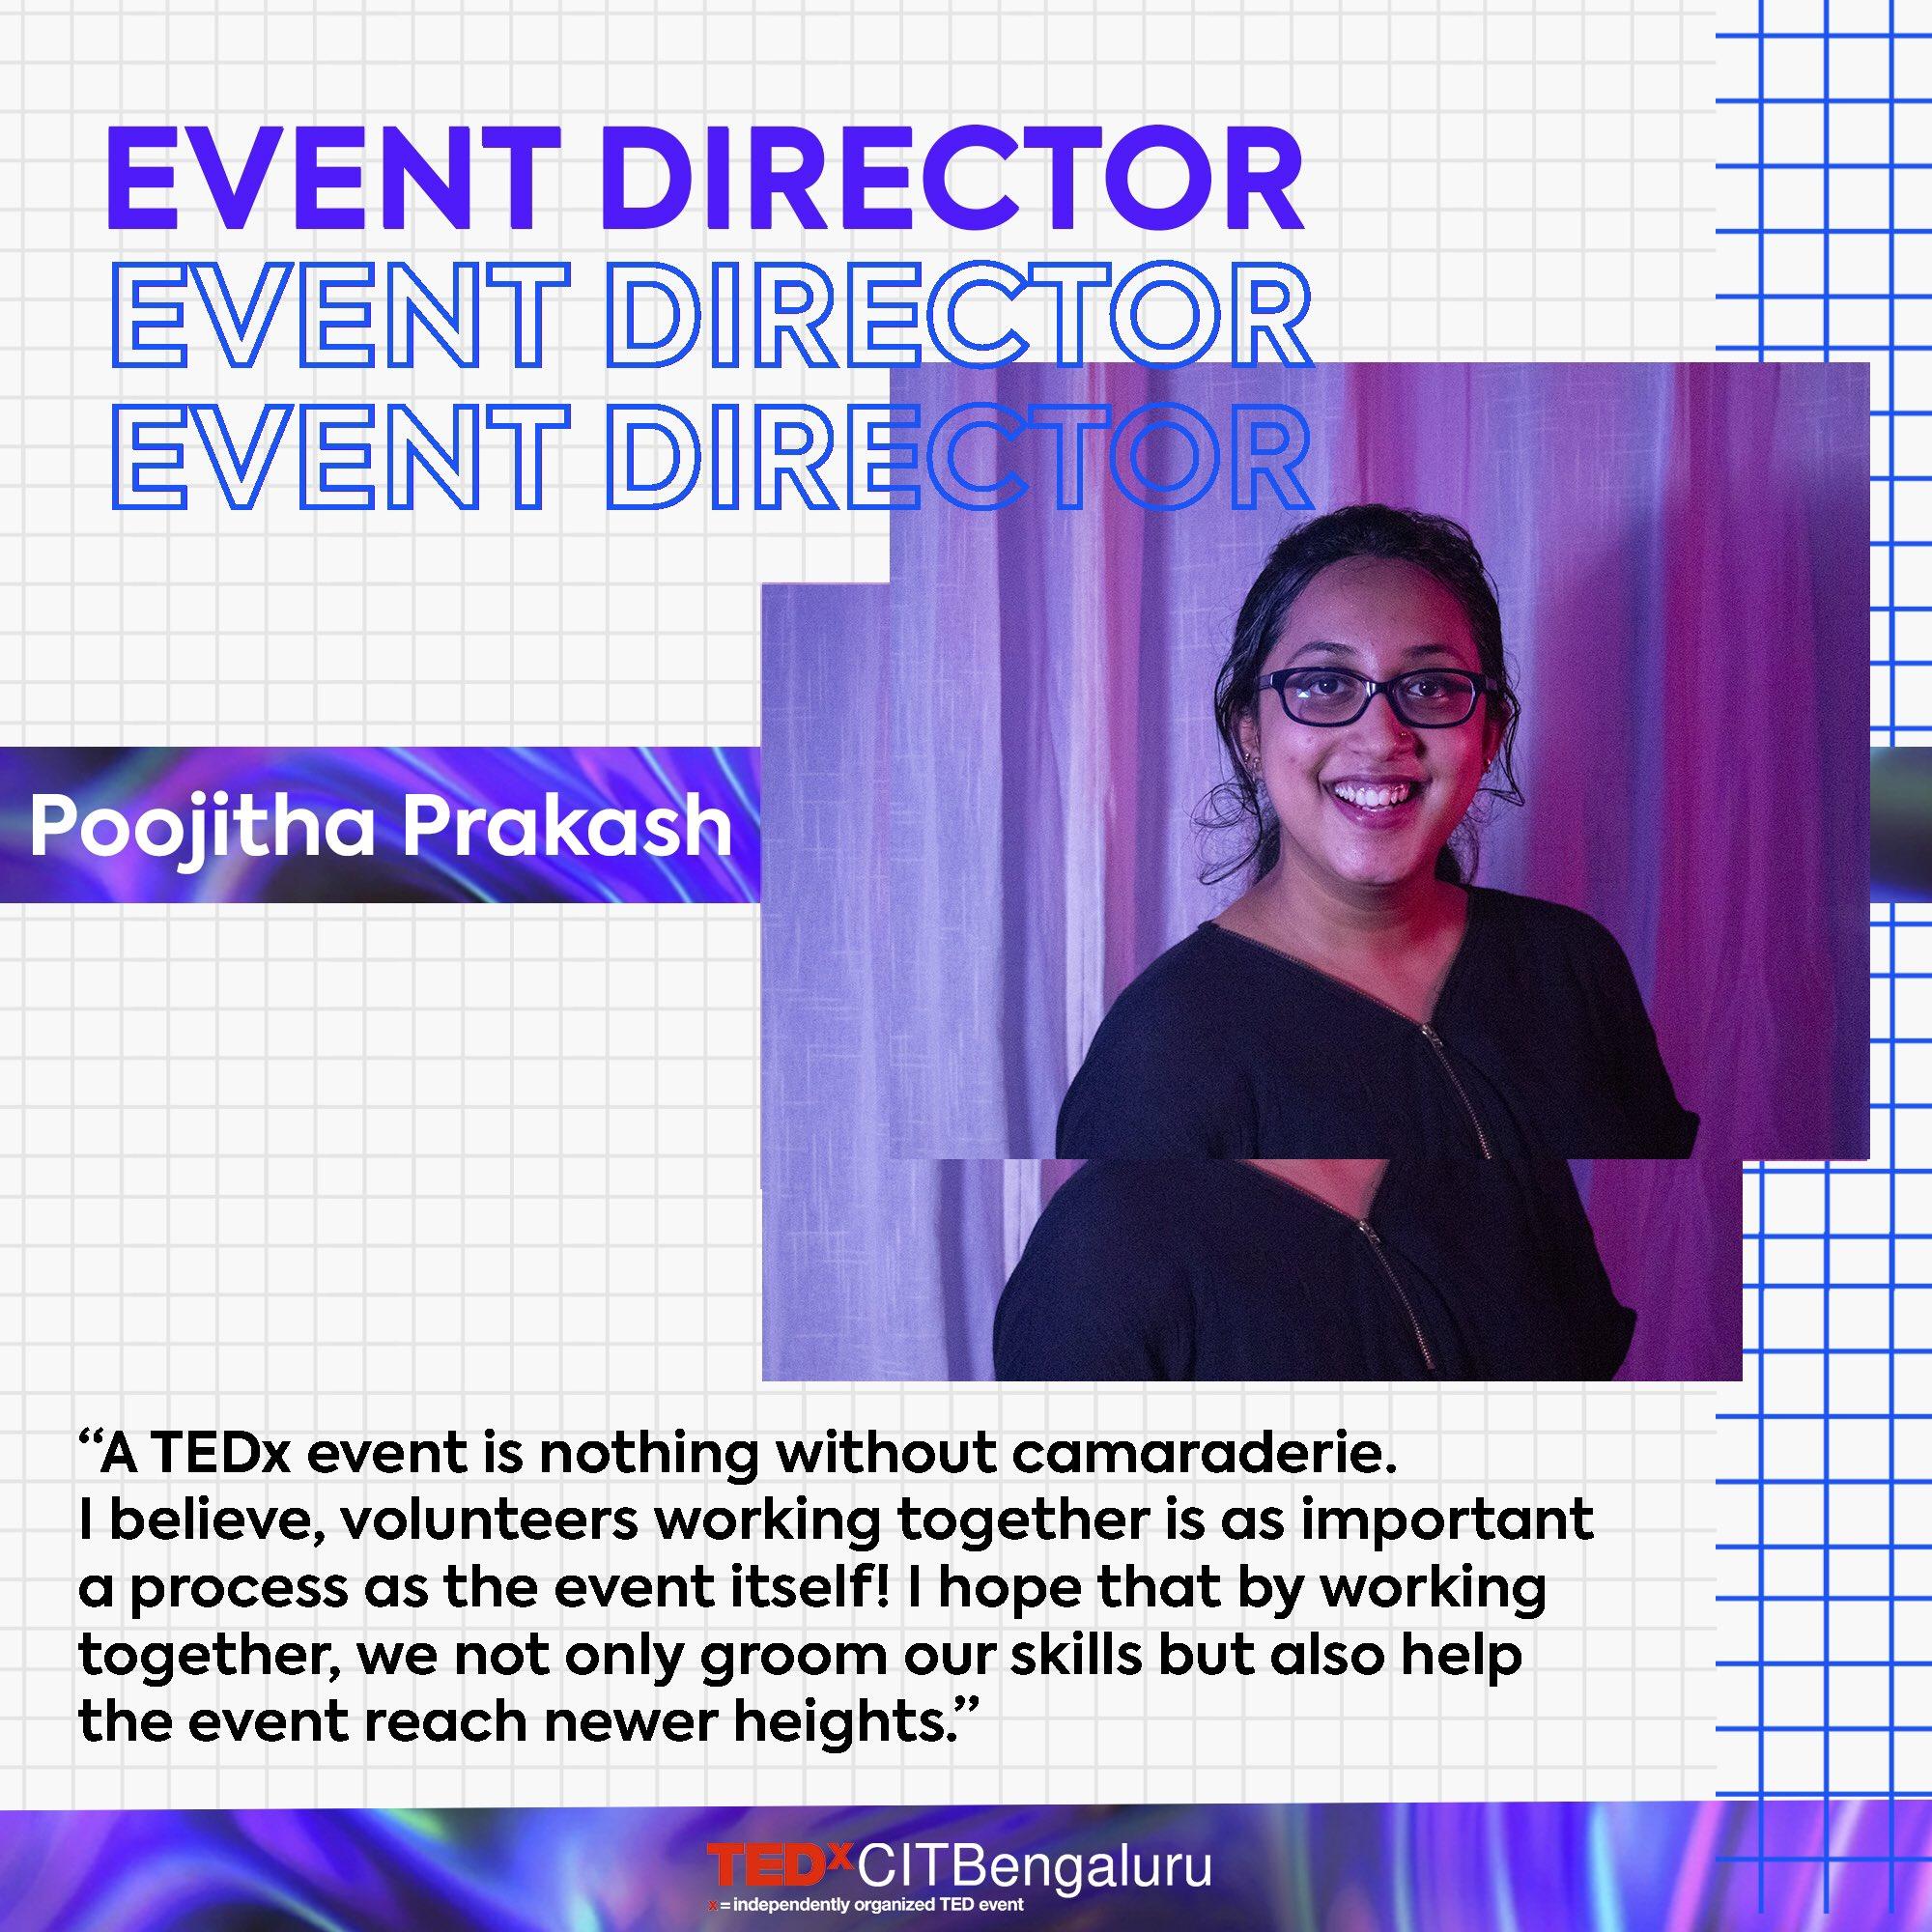 Poojitha Prakash